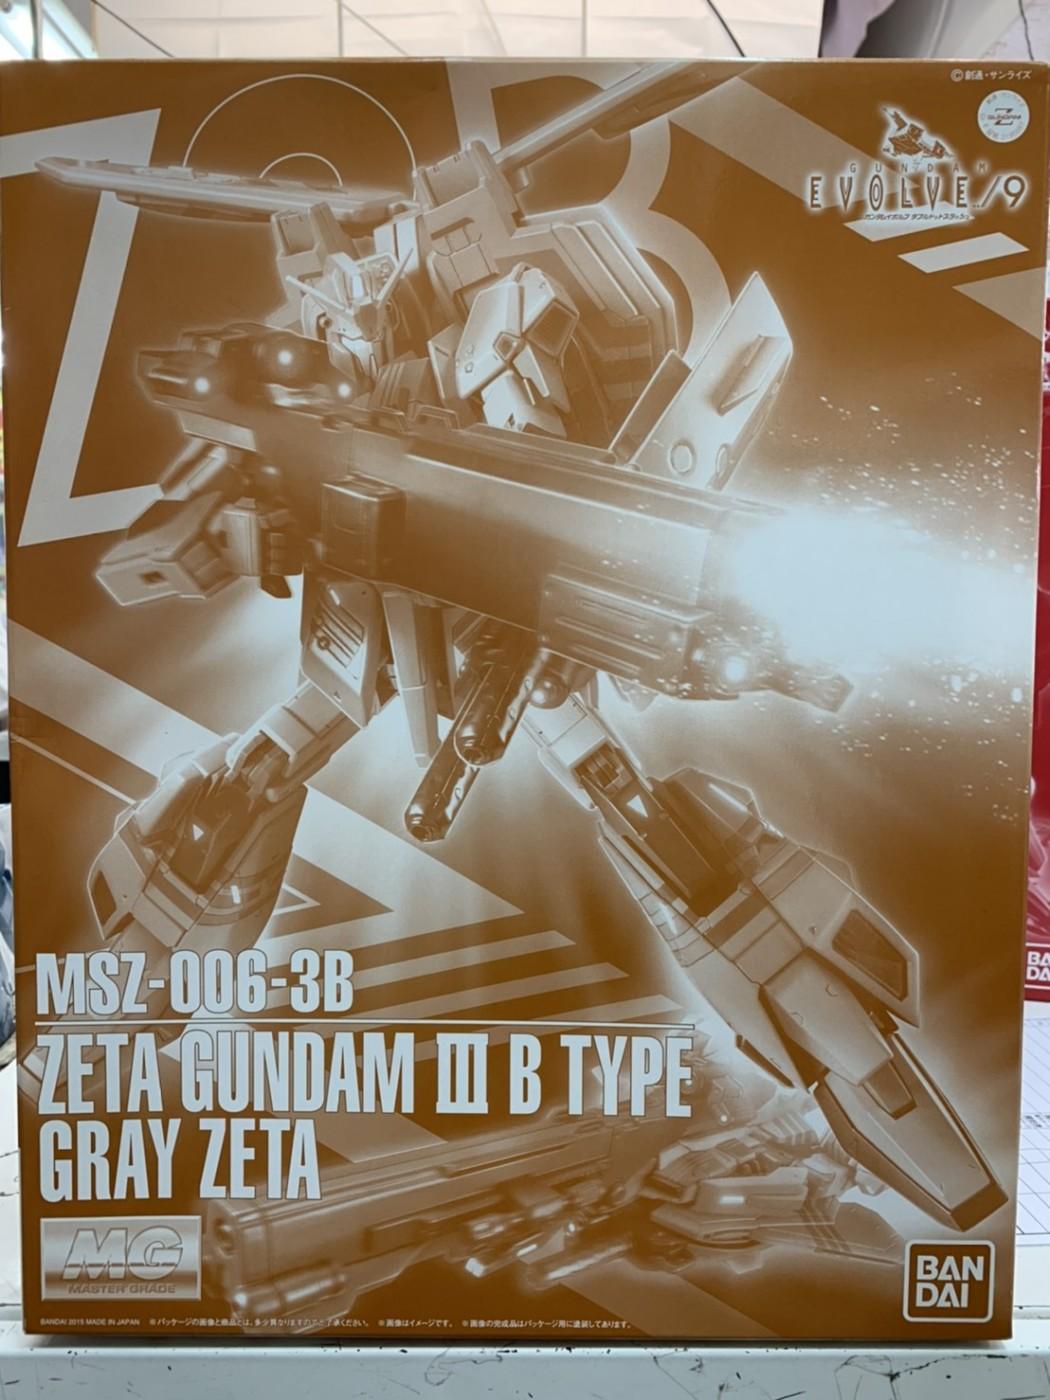 買取情報『バンダイのMG 1/100 MSZ-006-3B ゼータガンダム3号機B型 グレイ・ゼータ』